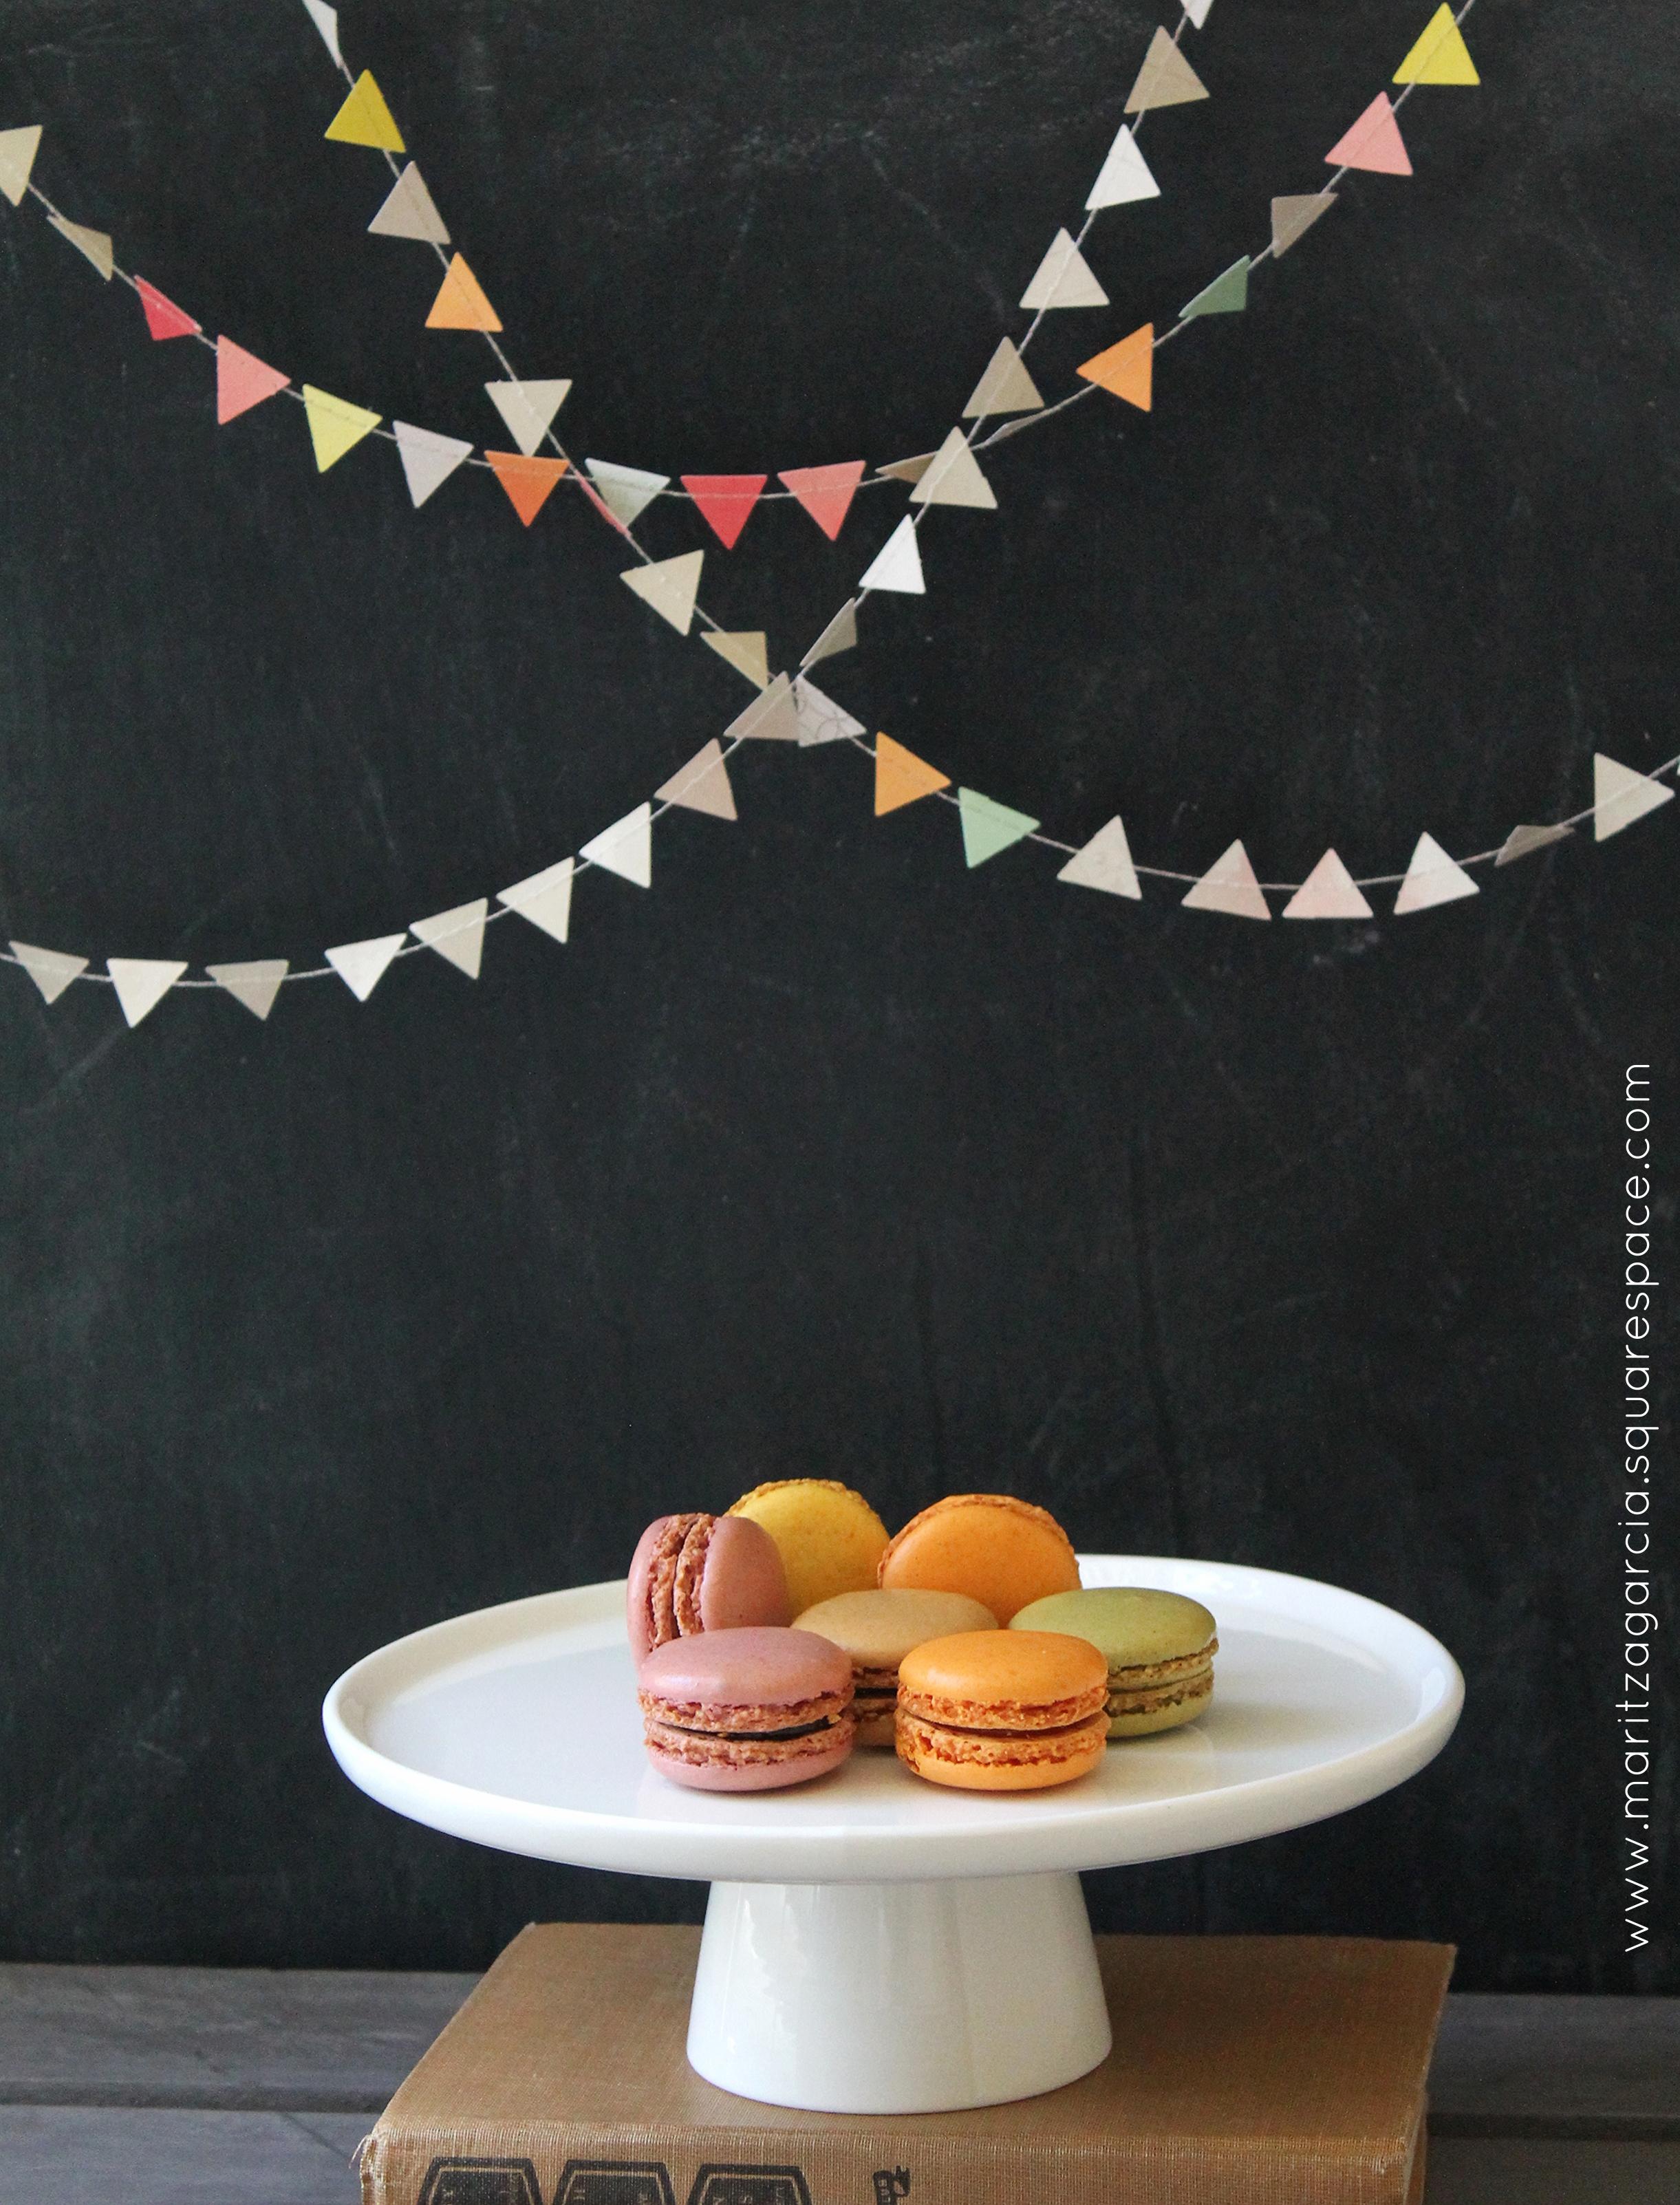 Birthday Macaroons, Chalkboard andBanner | by Maritza Garcia